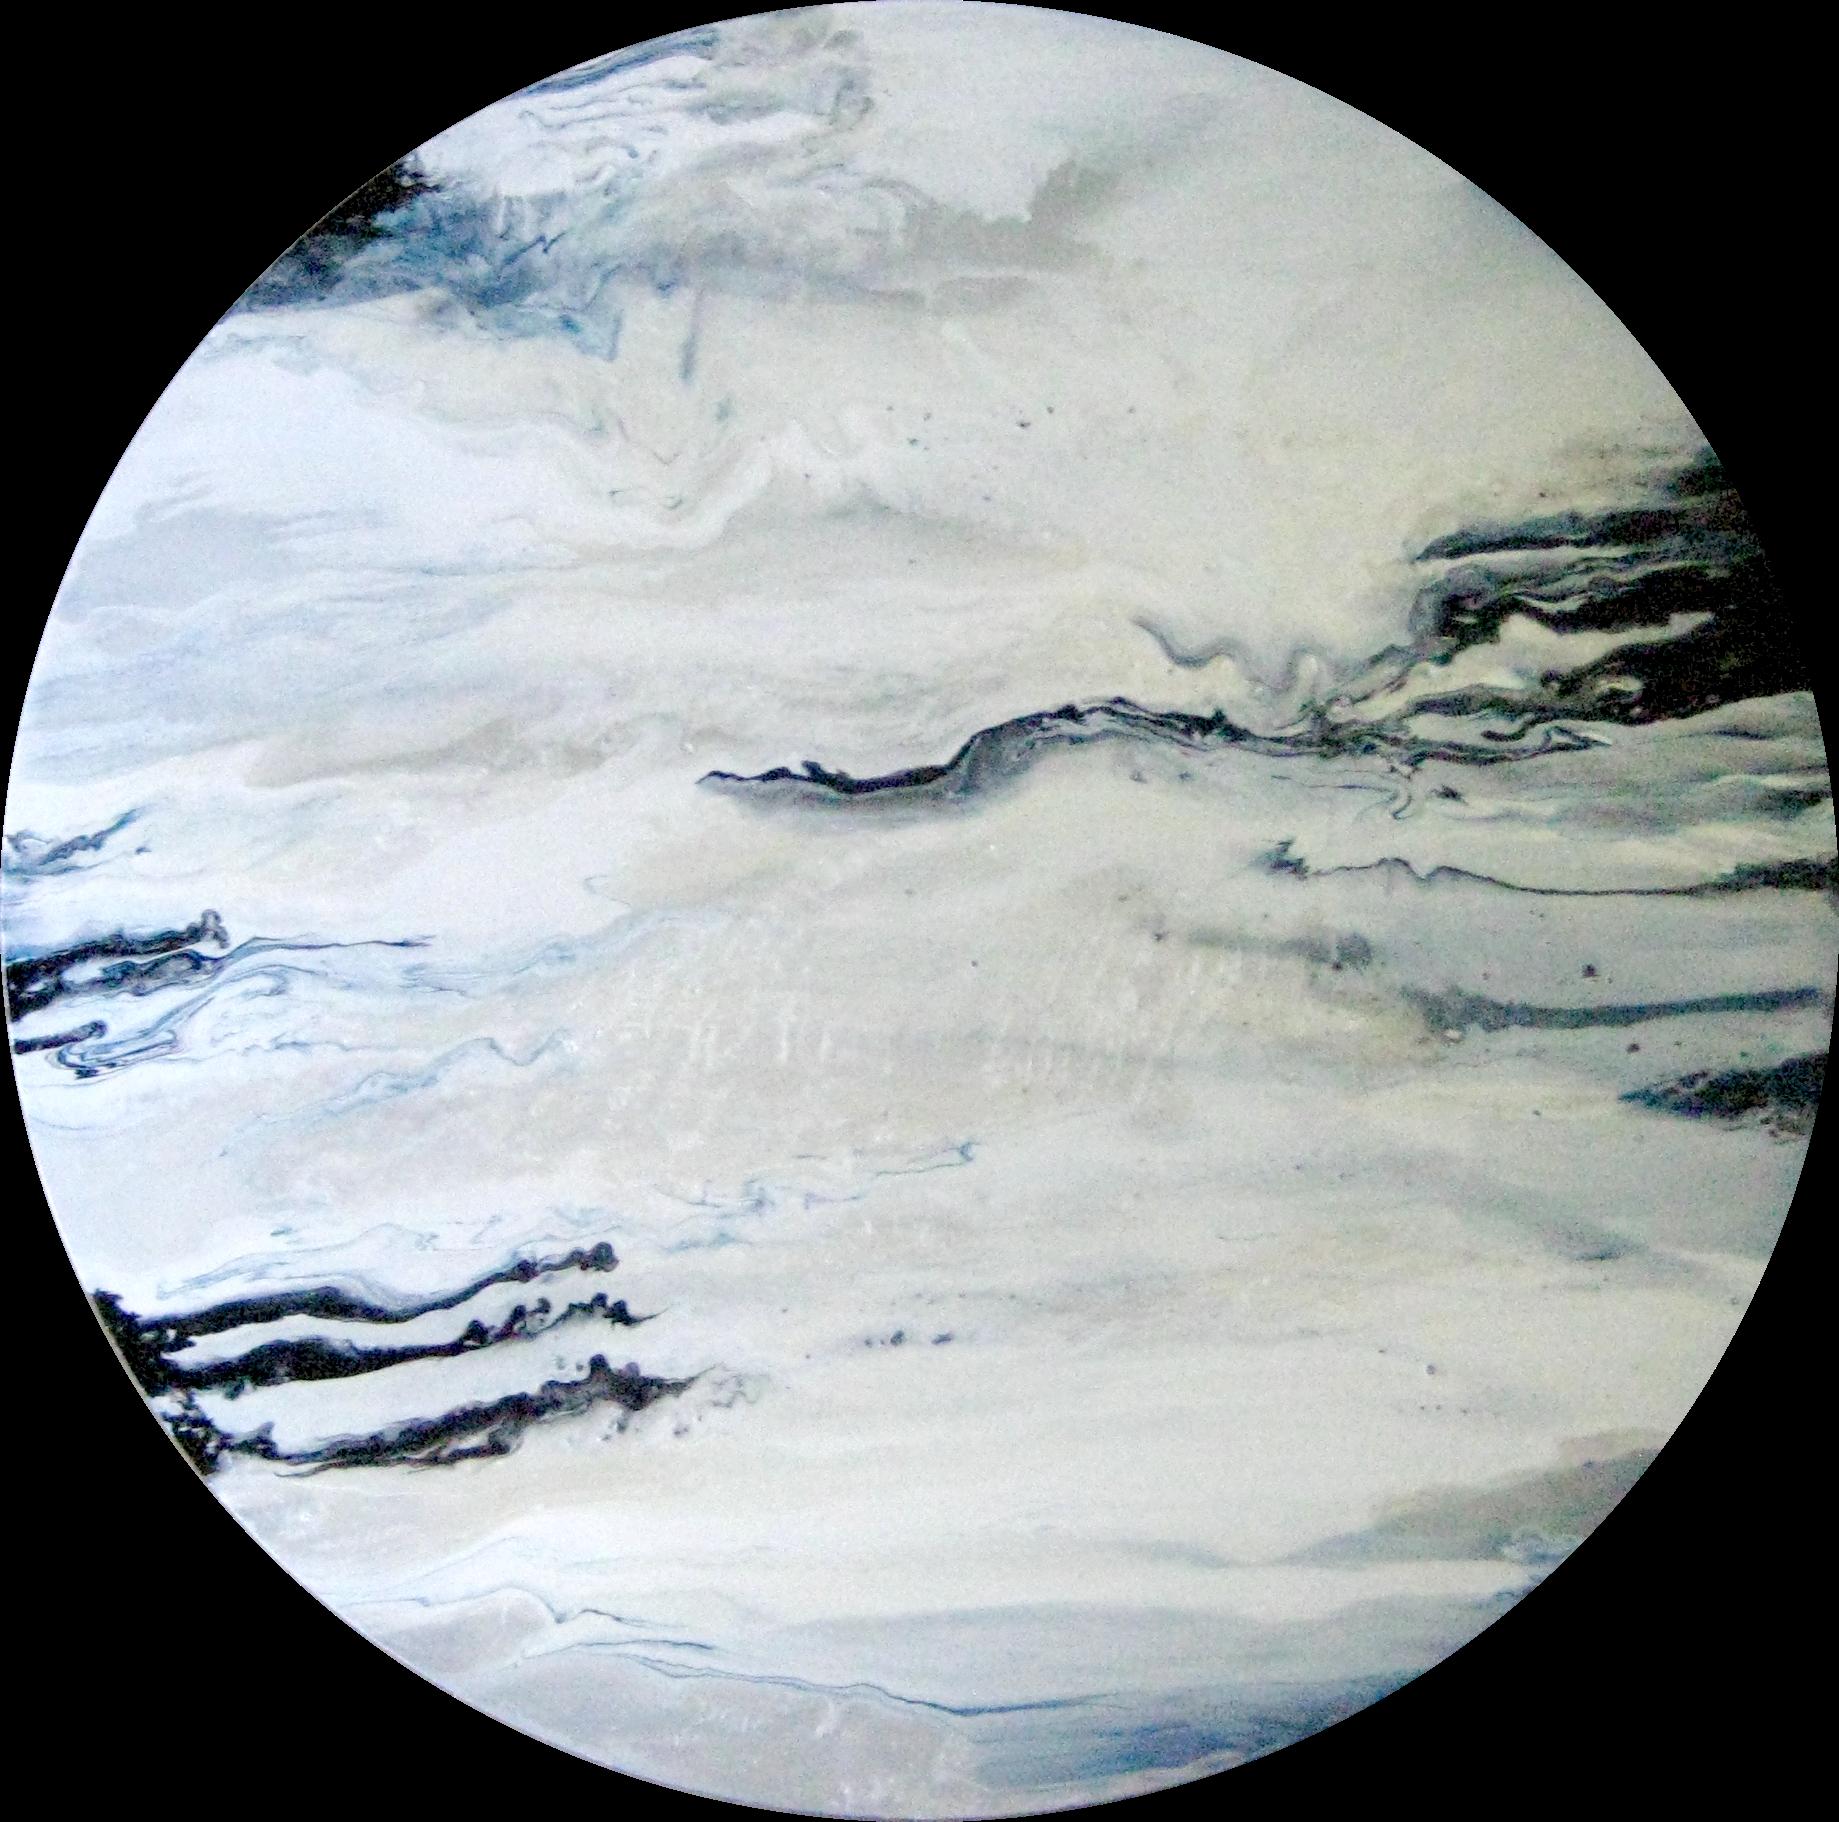 luna-solitaria-2021